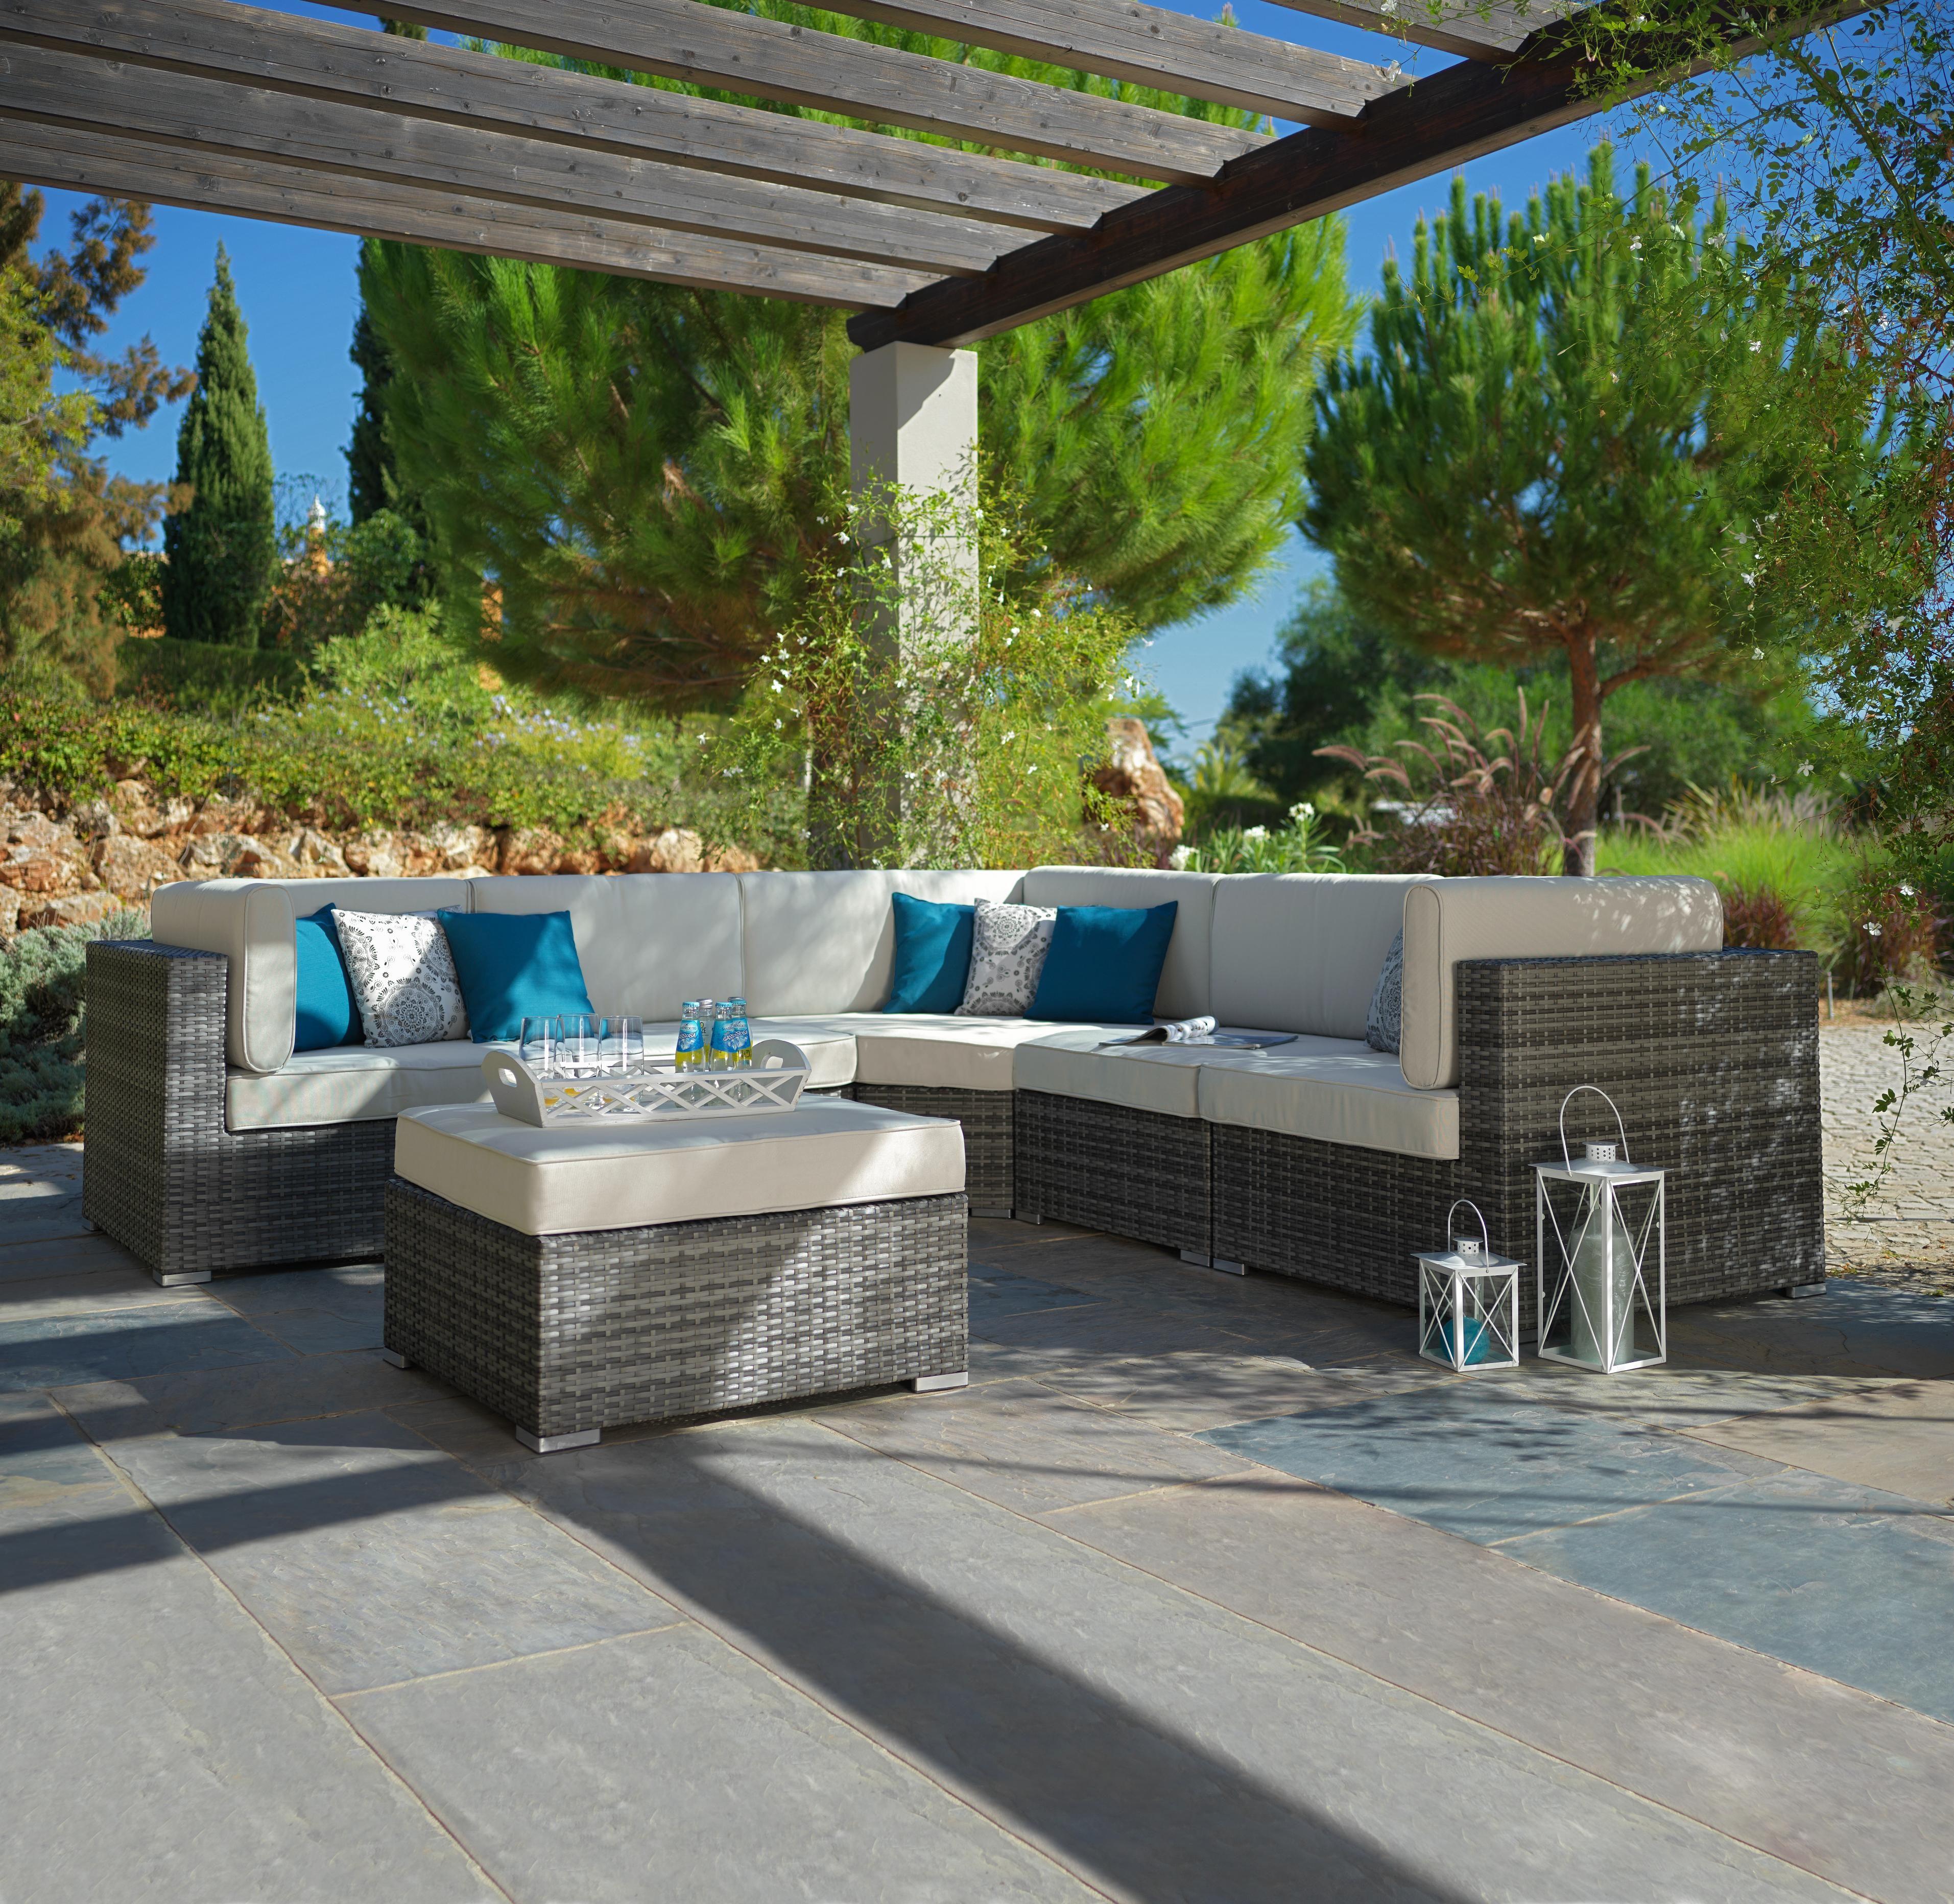 Rattan Gartenlounge Mit Weichen Sitzkissen Garten Lounge Rustikale Gartenmobel Gartenmobel